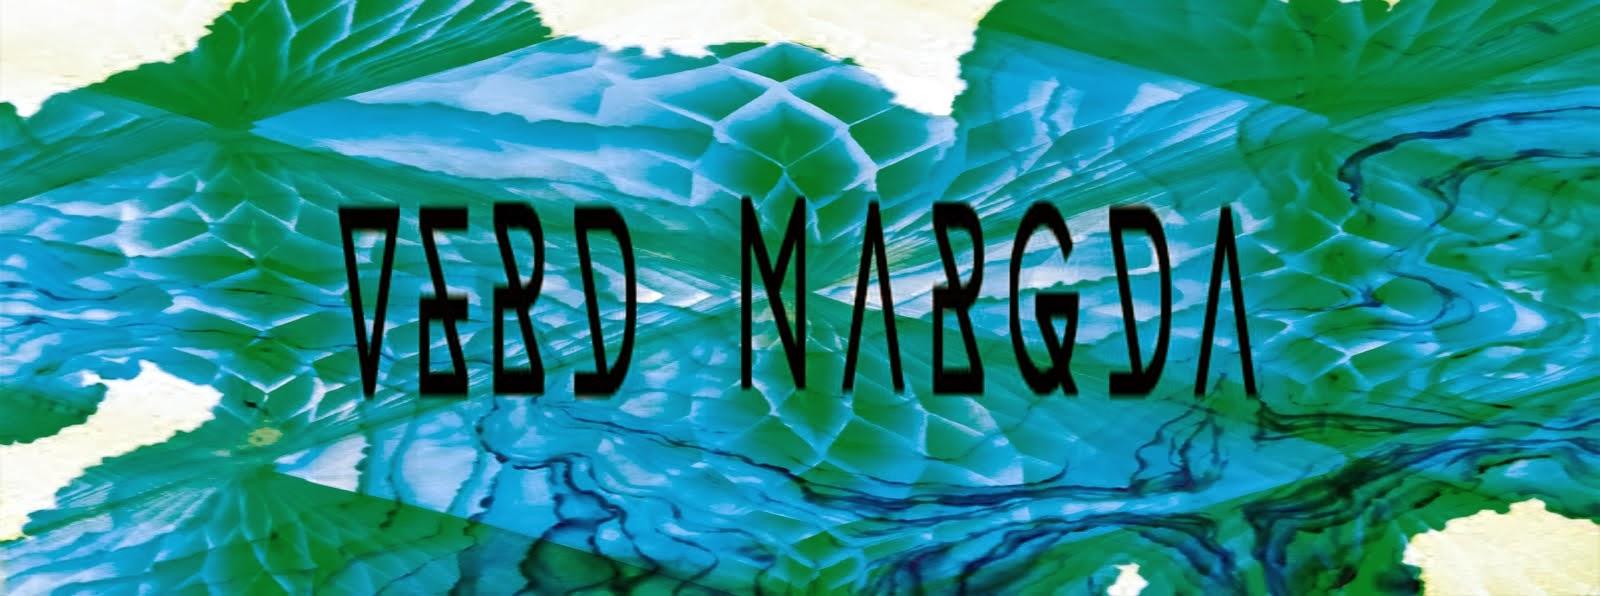 VERD MARGDA